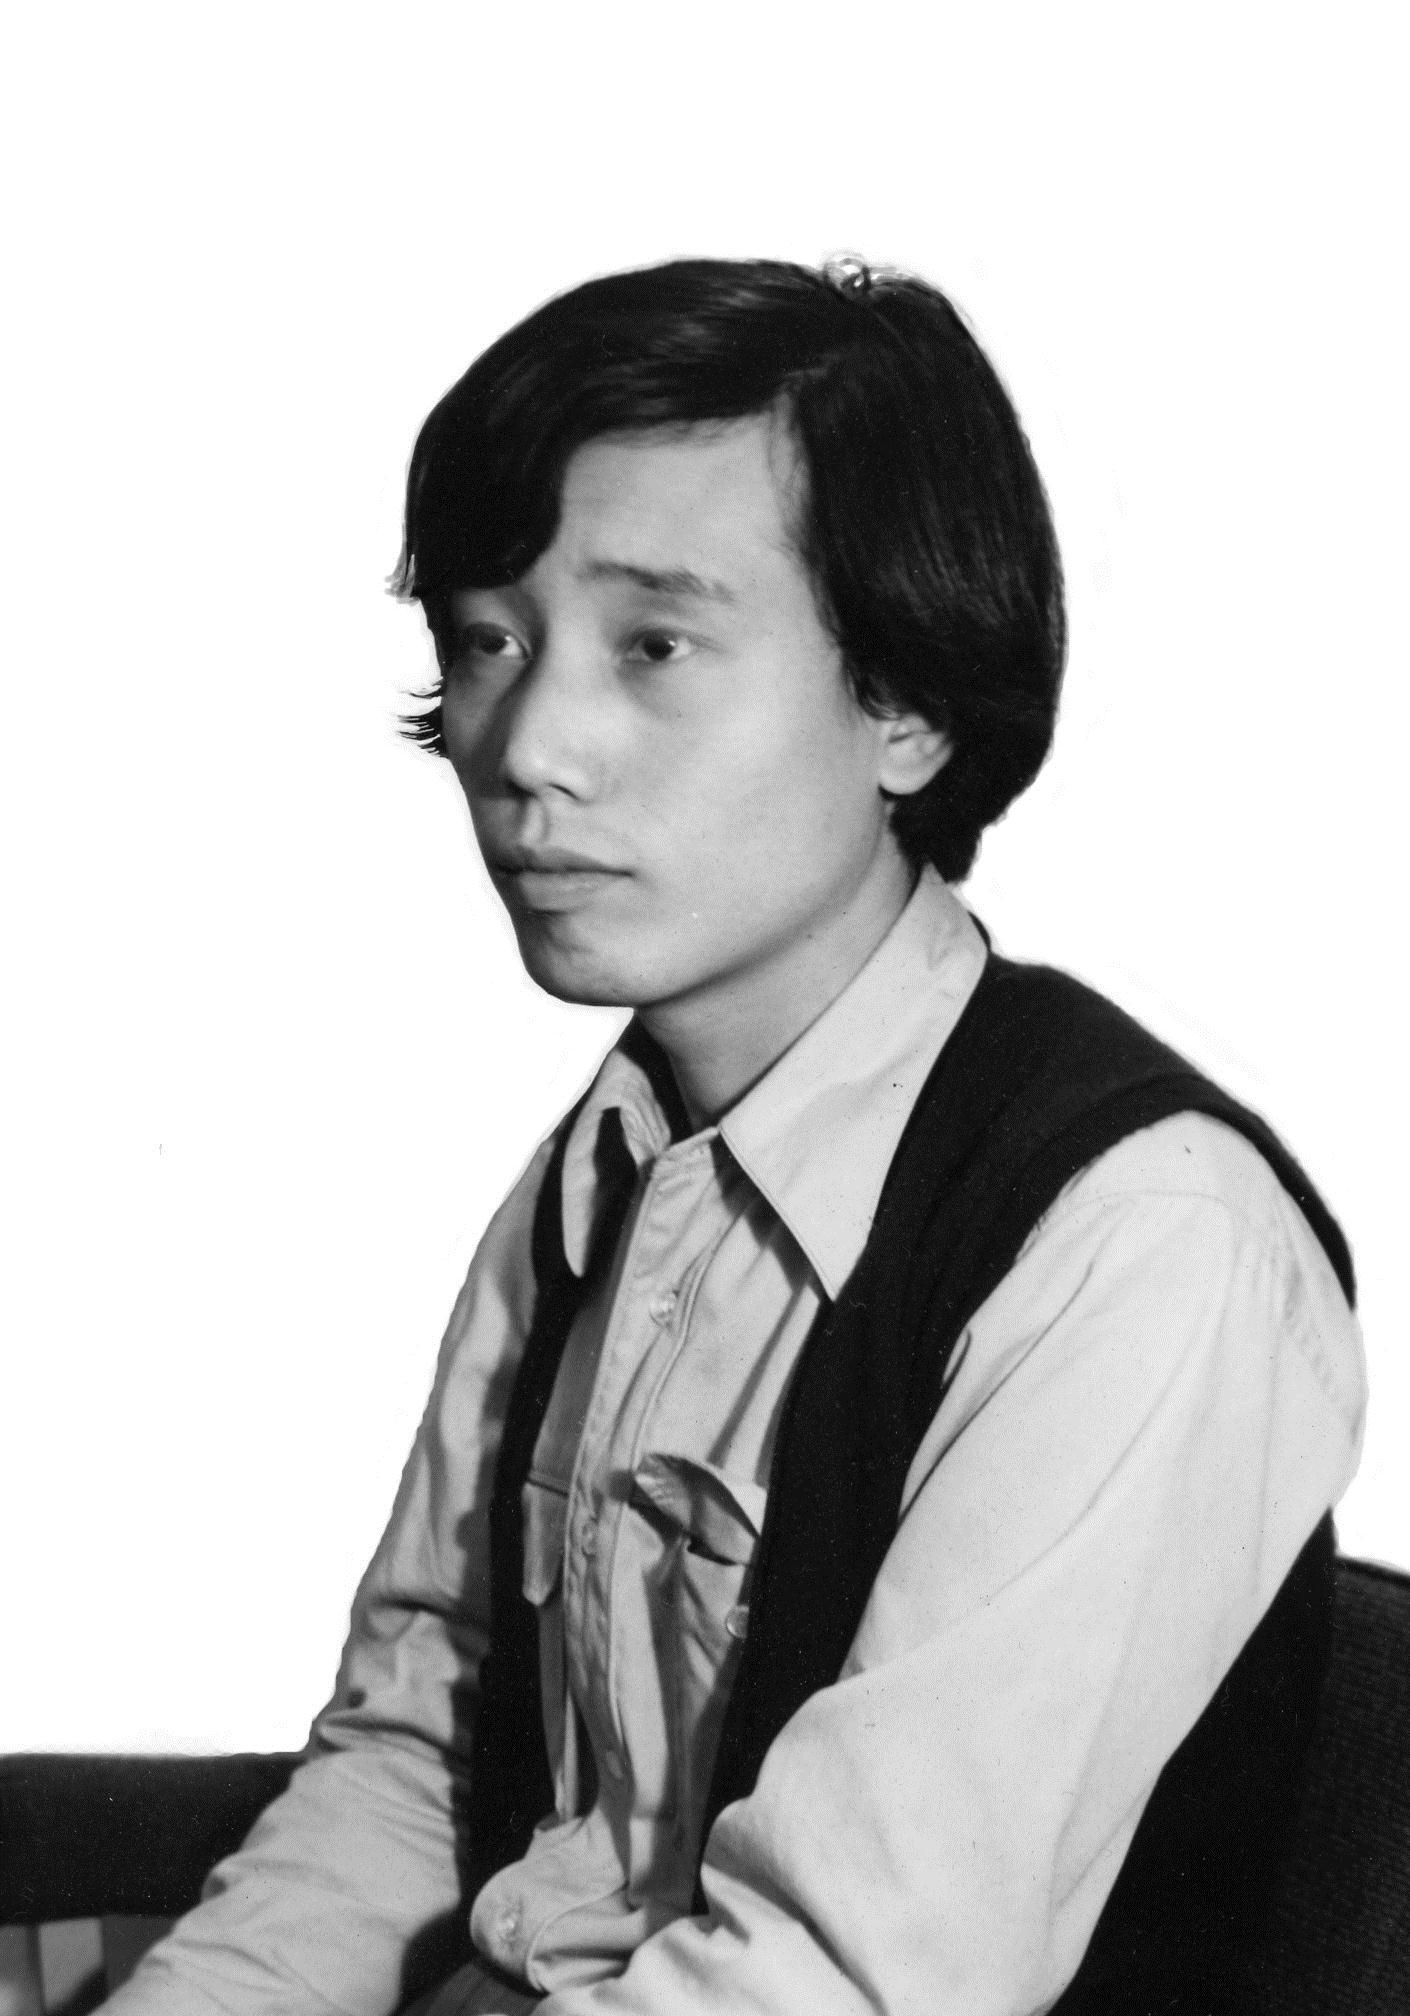 Aoi Fujimoto - photo